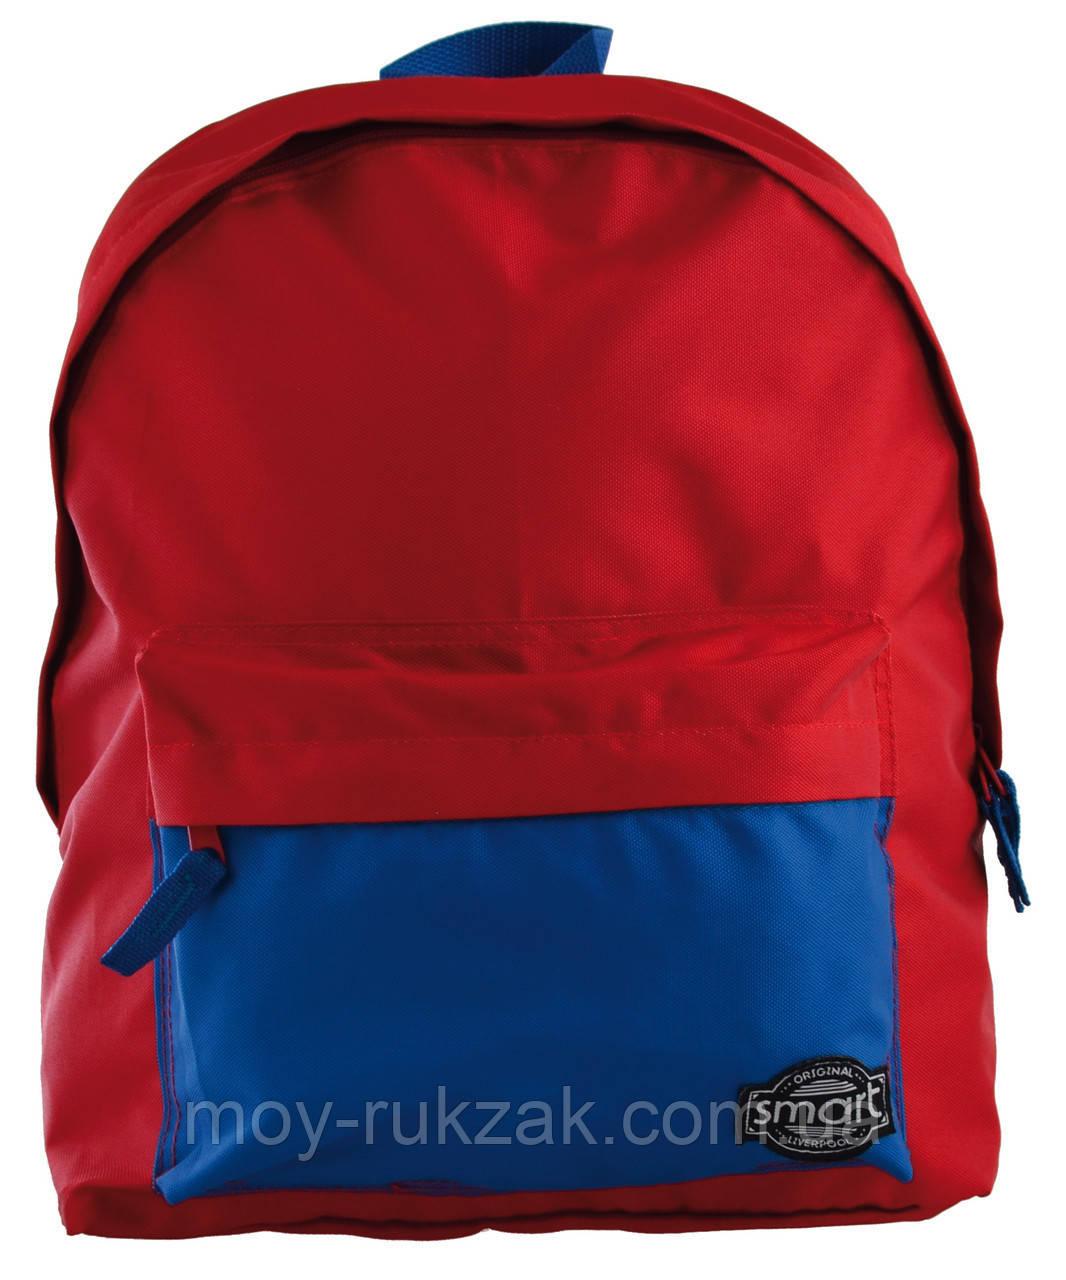 """Рюкзак молодежный ST-29 """"Chili pepper"""", «Smart»  556732"""